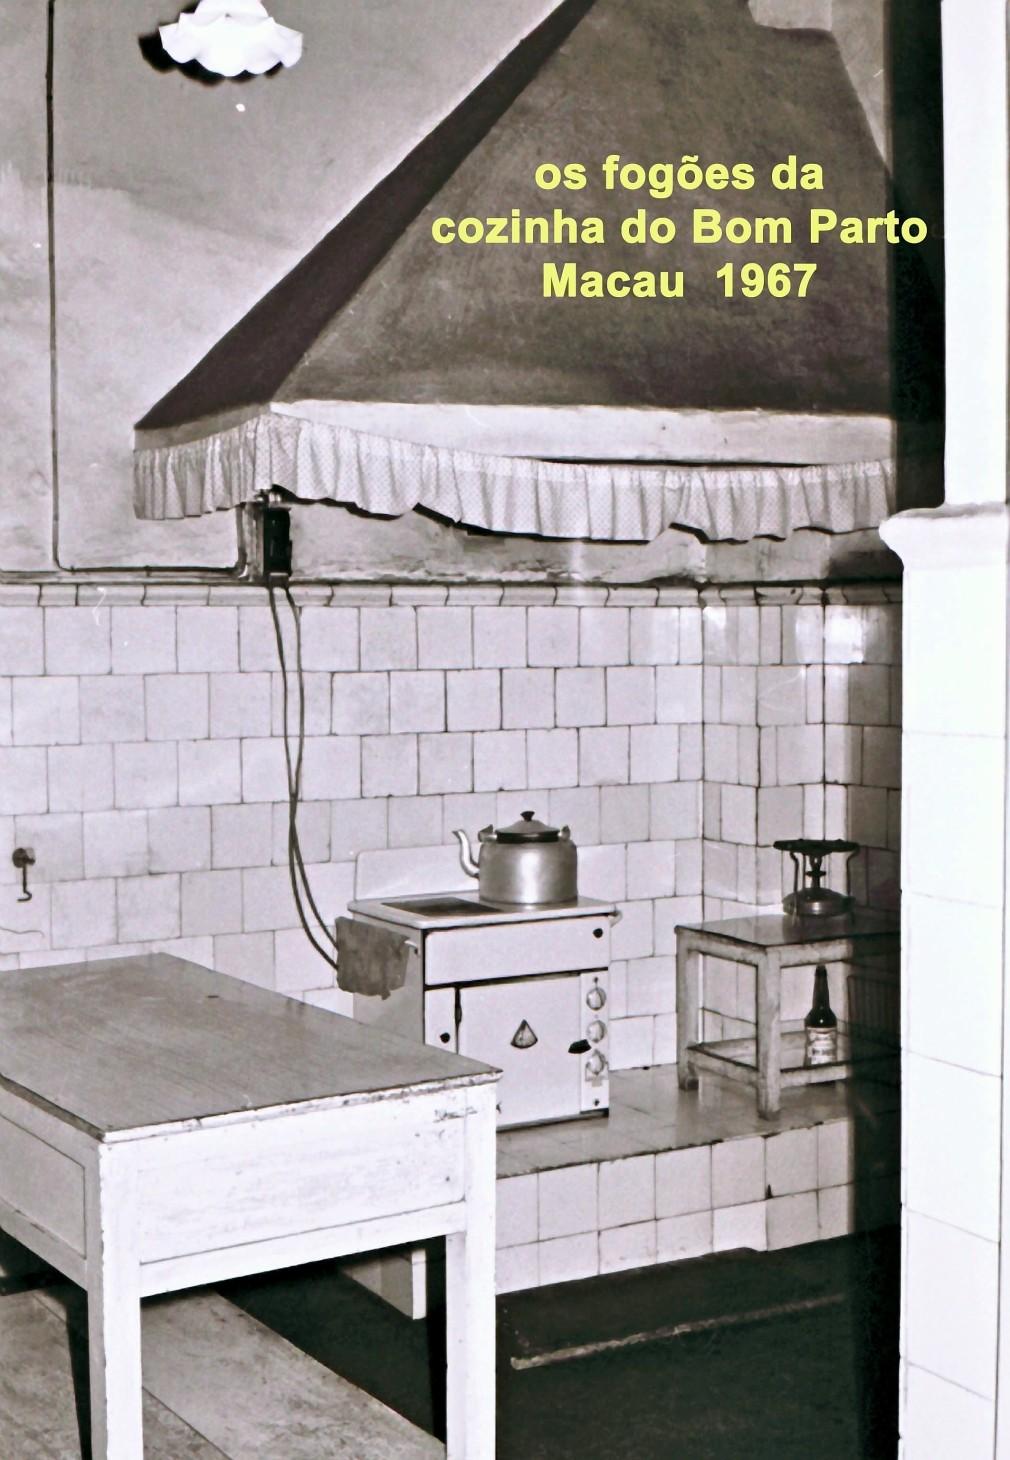 159 67 a cozinha da Fortaleza do Bom Parto